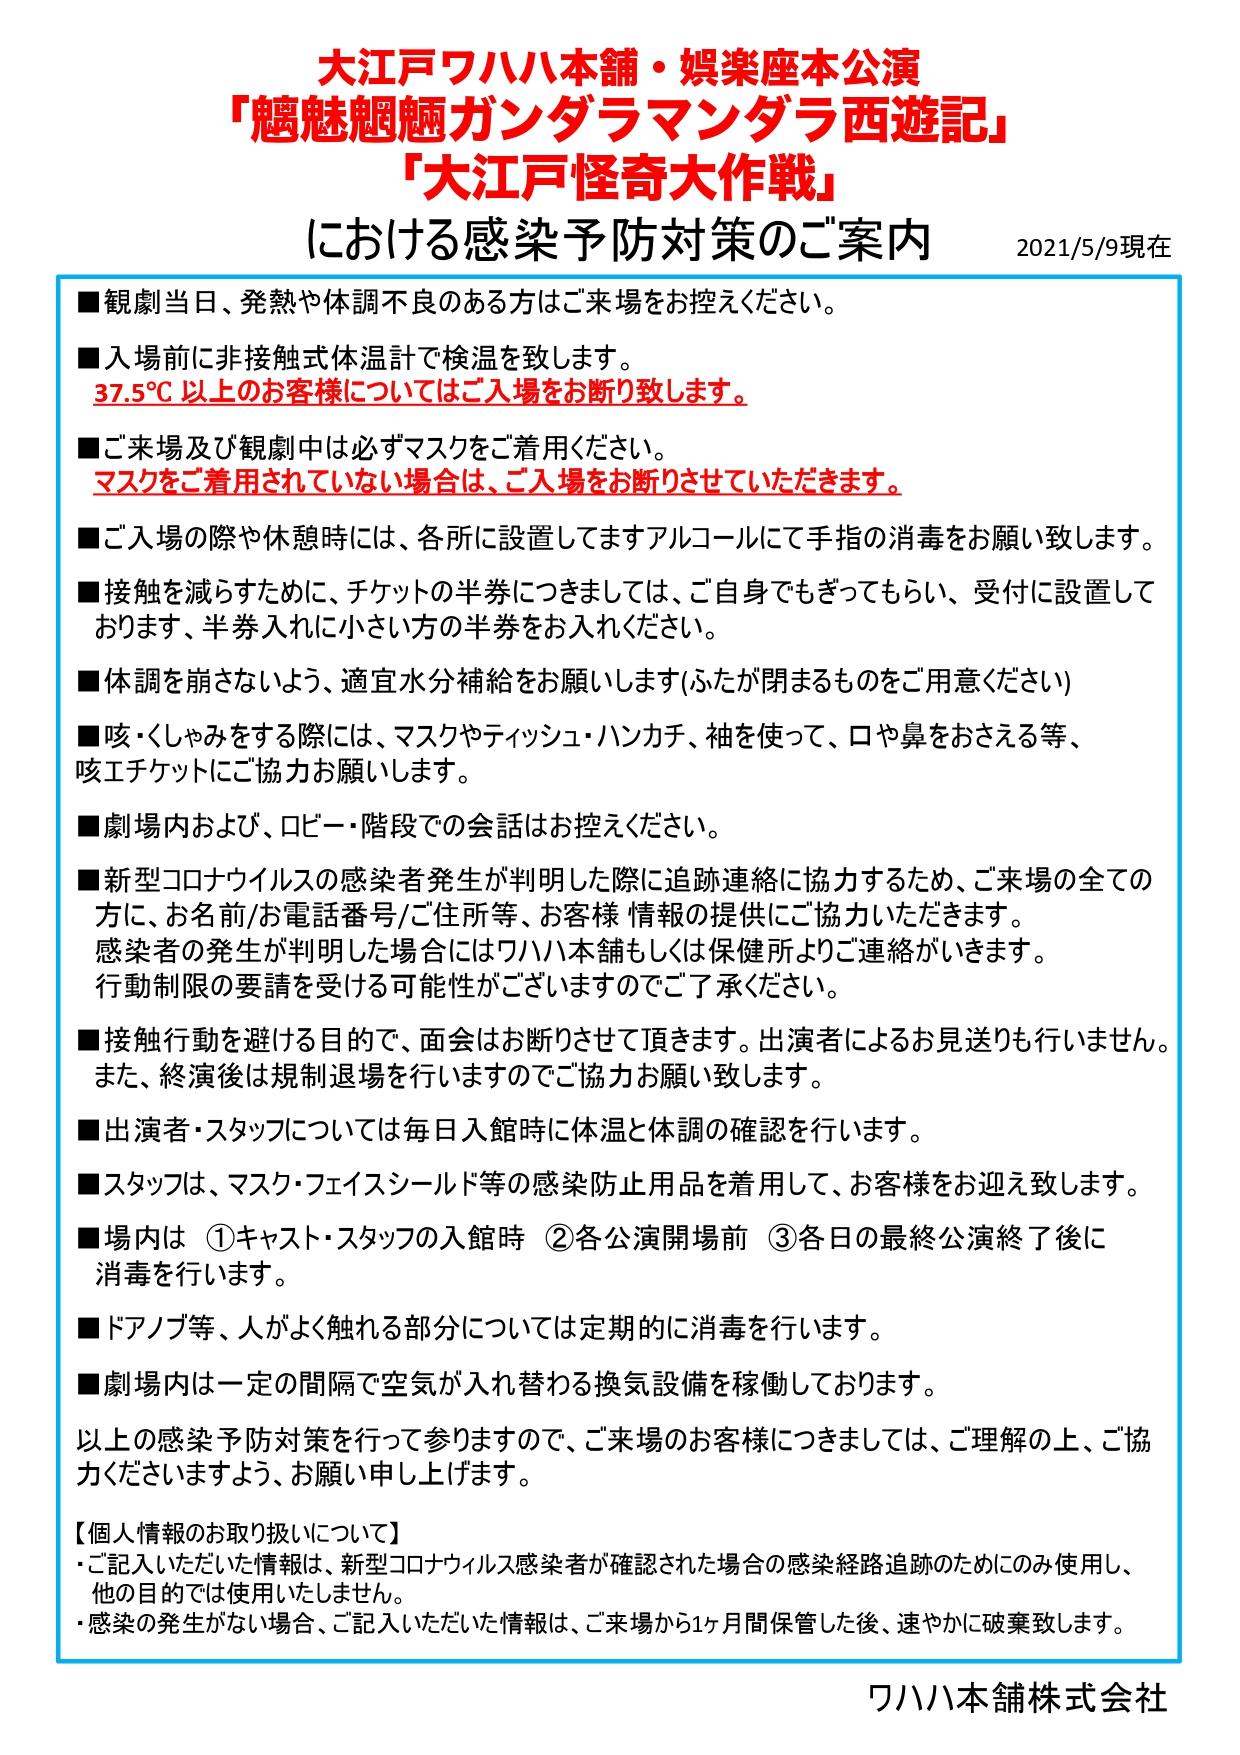 大江戸ワハハ本舗・娯楽座本公演「大江戸怪奇大作戦」【21日19時公演が18時30分開演に変更となりました】 画像2